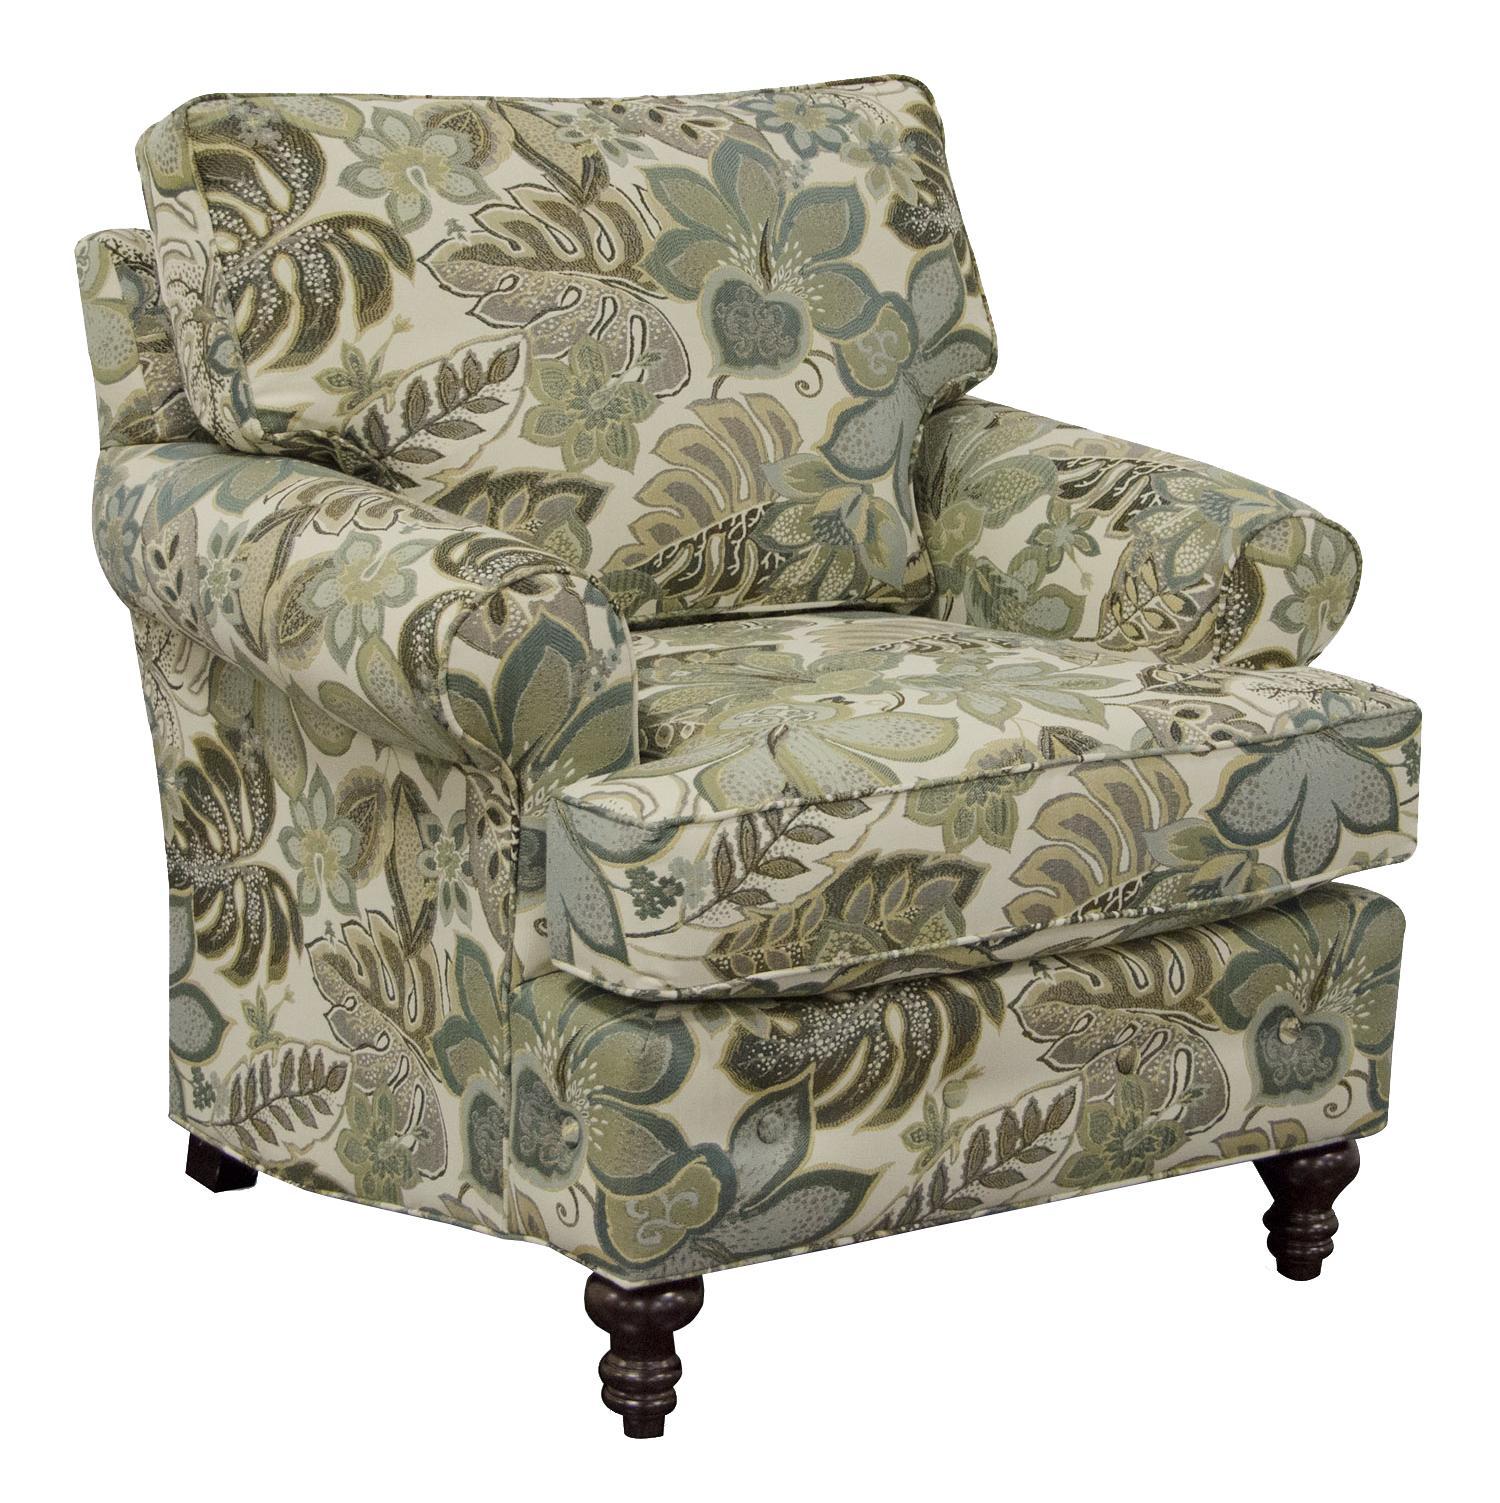 England Evans Living Room Chair - Item Number: 8484 Ocean Isle Spa